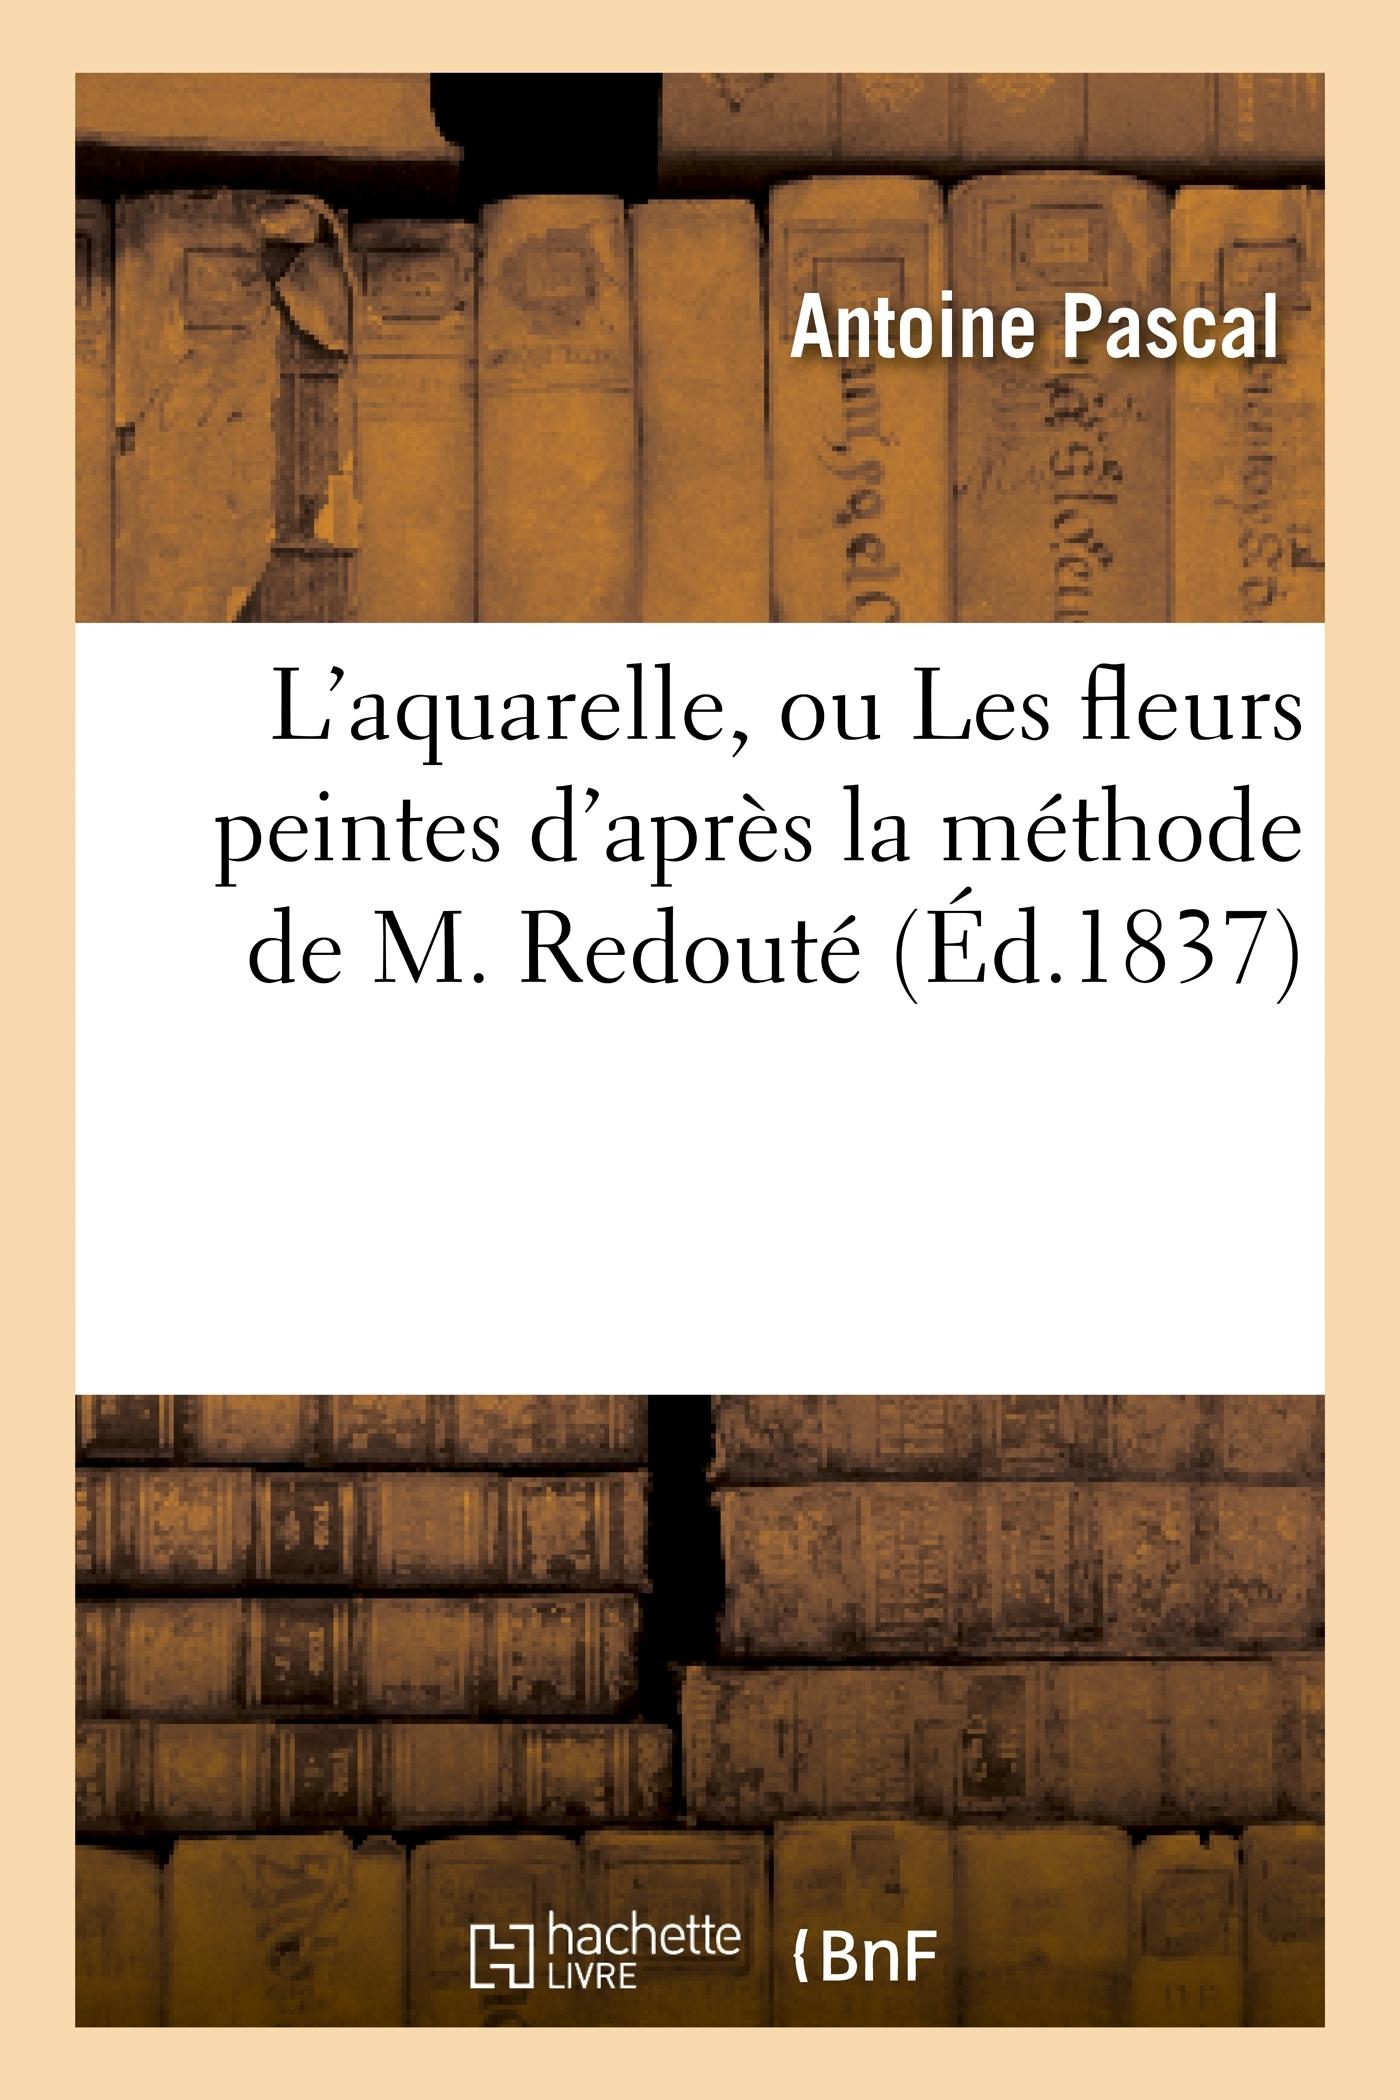 L'AQUARELLE, OU LES FLEURS PEINTES D'APRES LA METHODE DE M. REDOUTE : TRAITE ENTIEREMENT INEDIT - ,